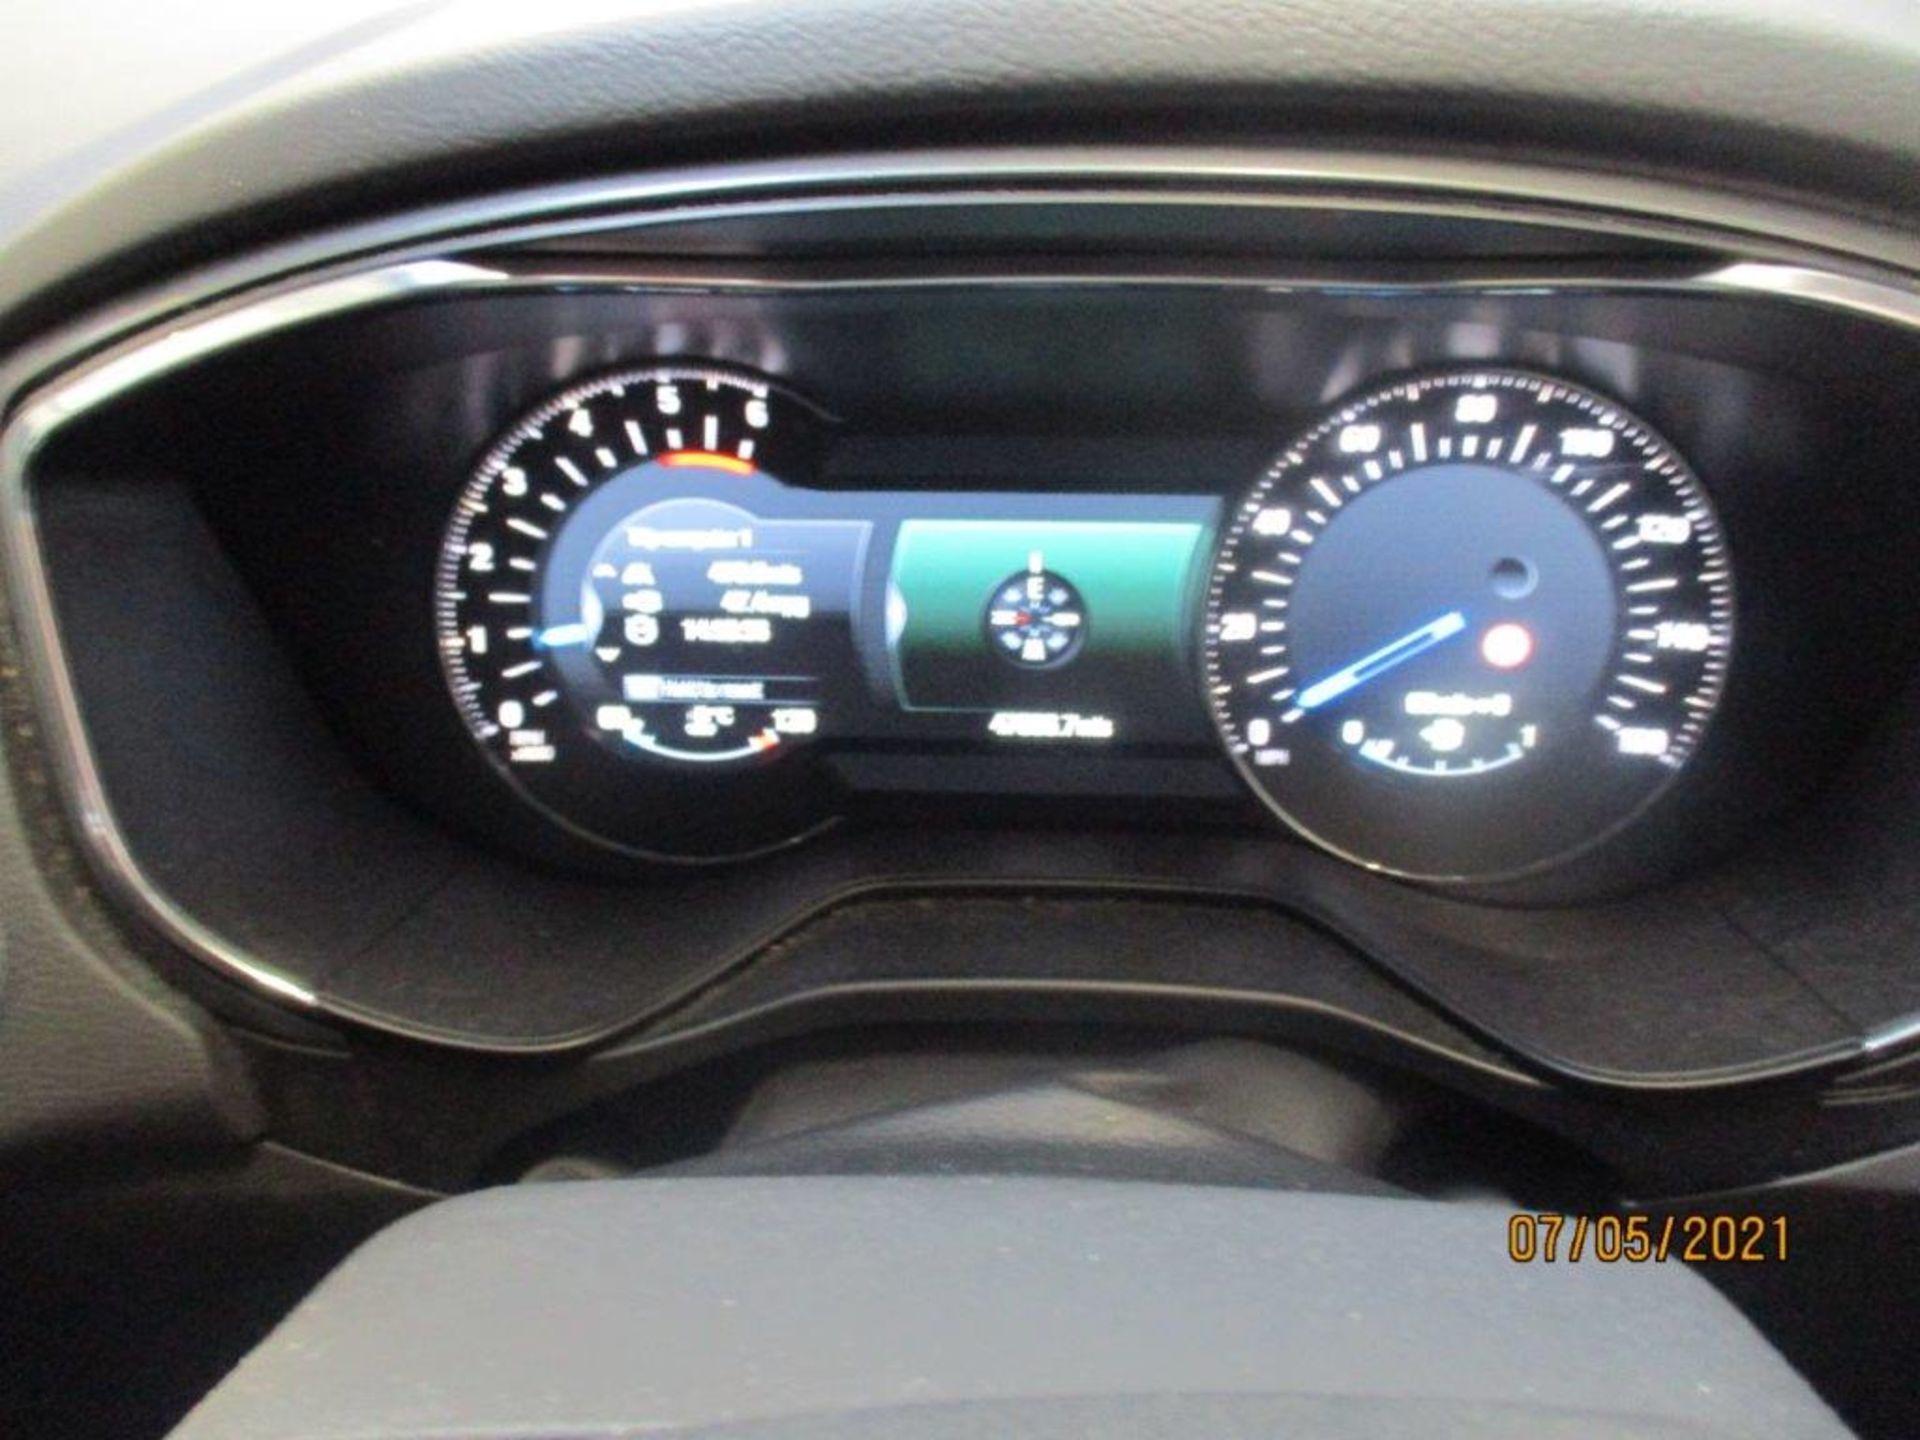 15 15 Ford Mondeo Titanium TDCI - Image 21 of 22